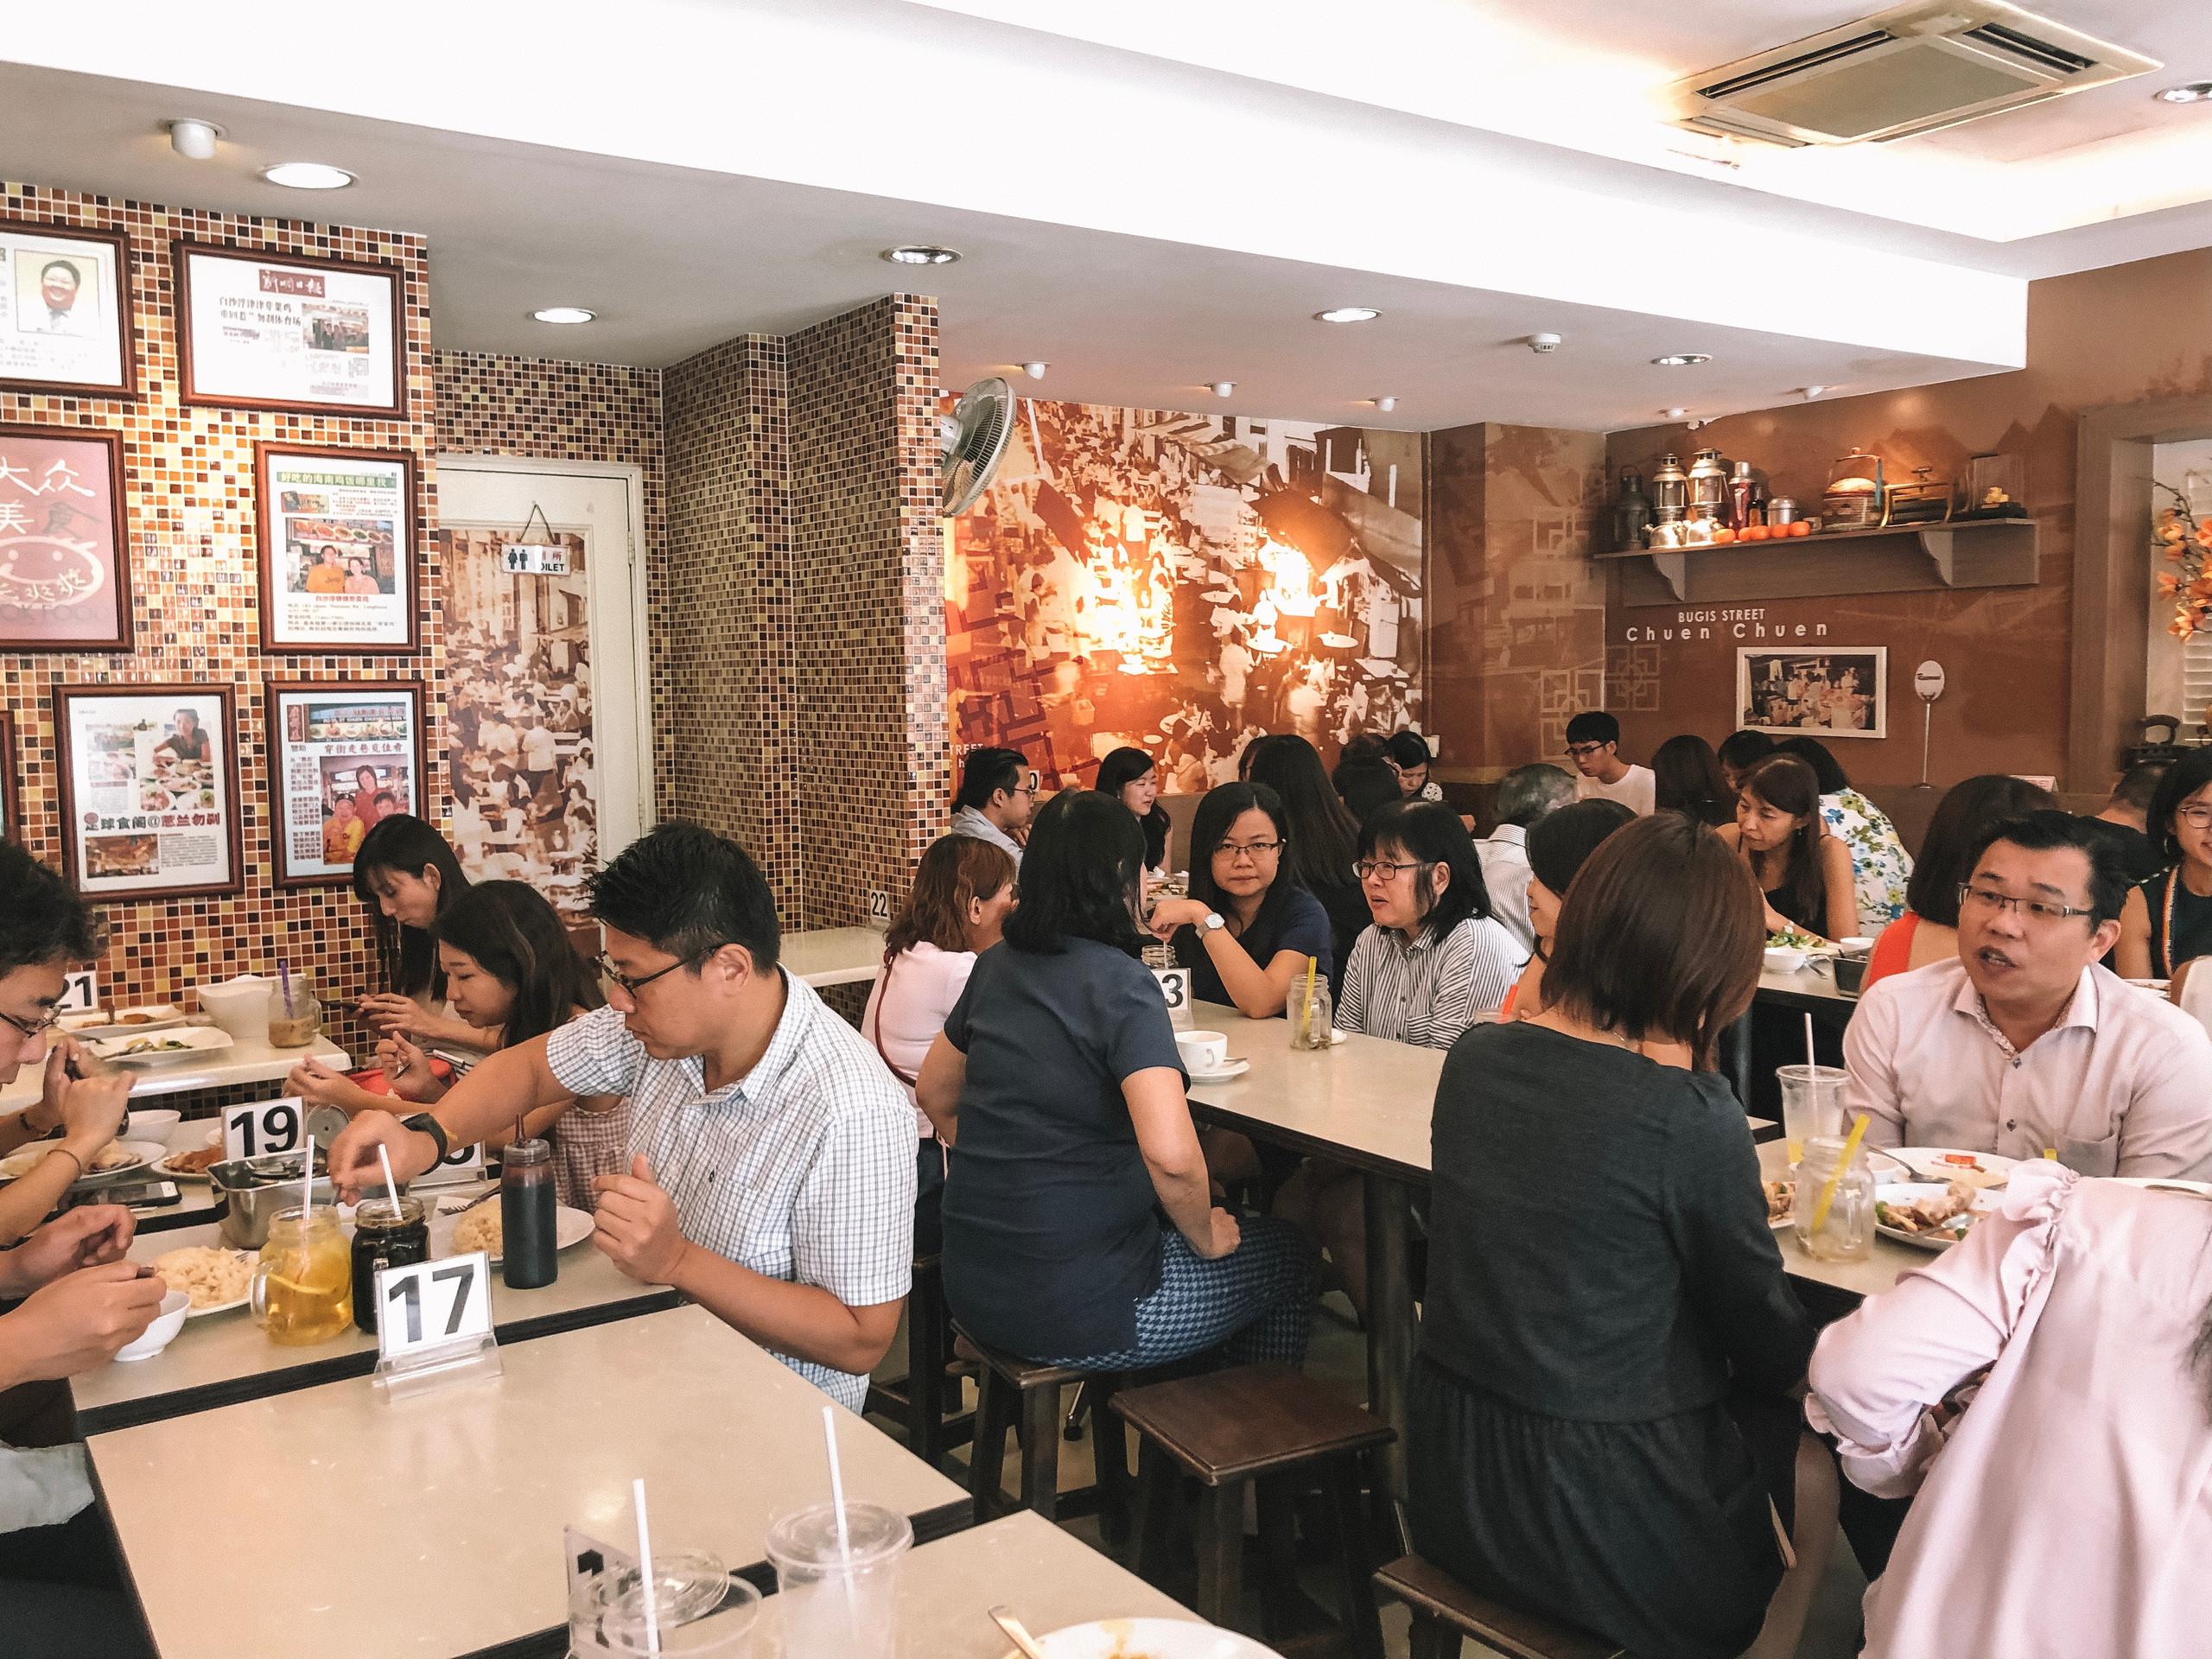 Singapore Chuen Chuen restaurant best local food Bugis Tan Quee Lan St